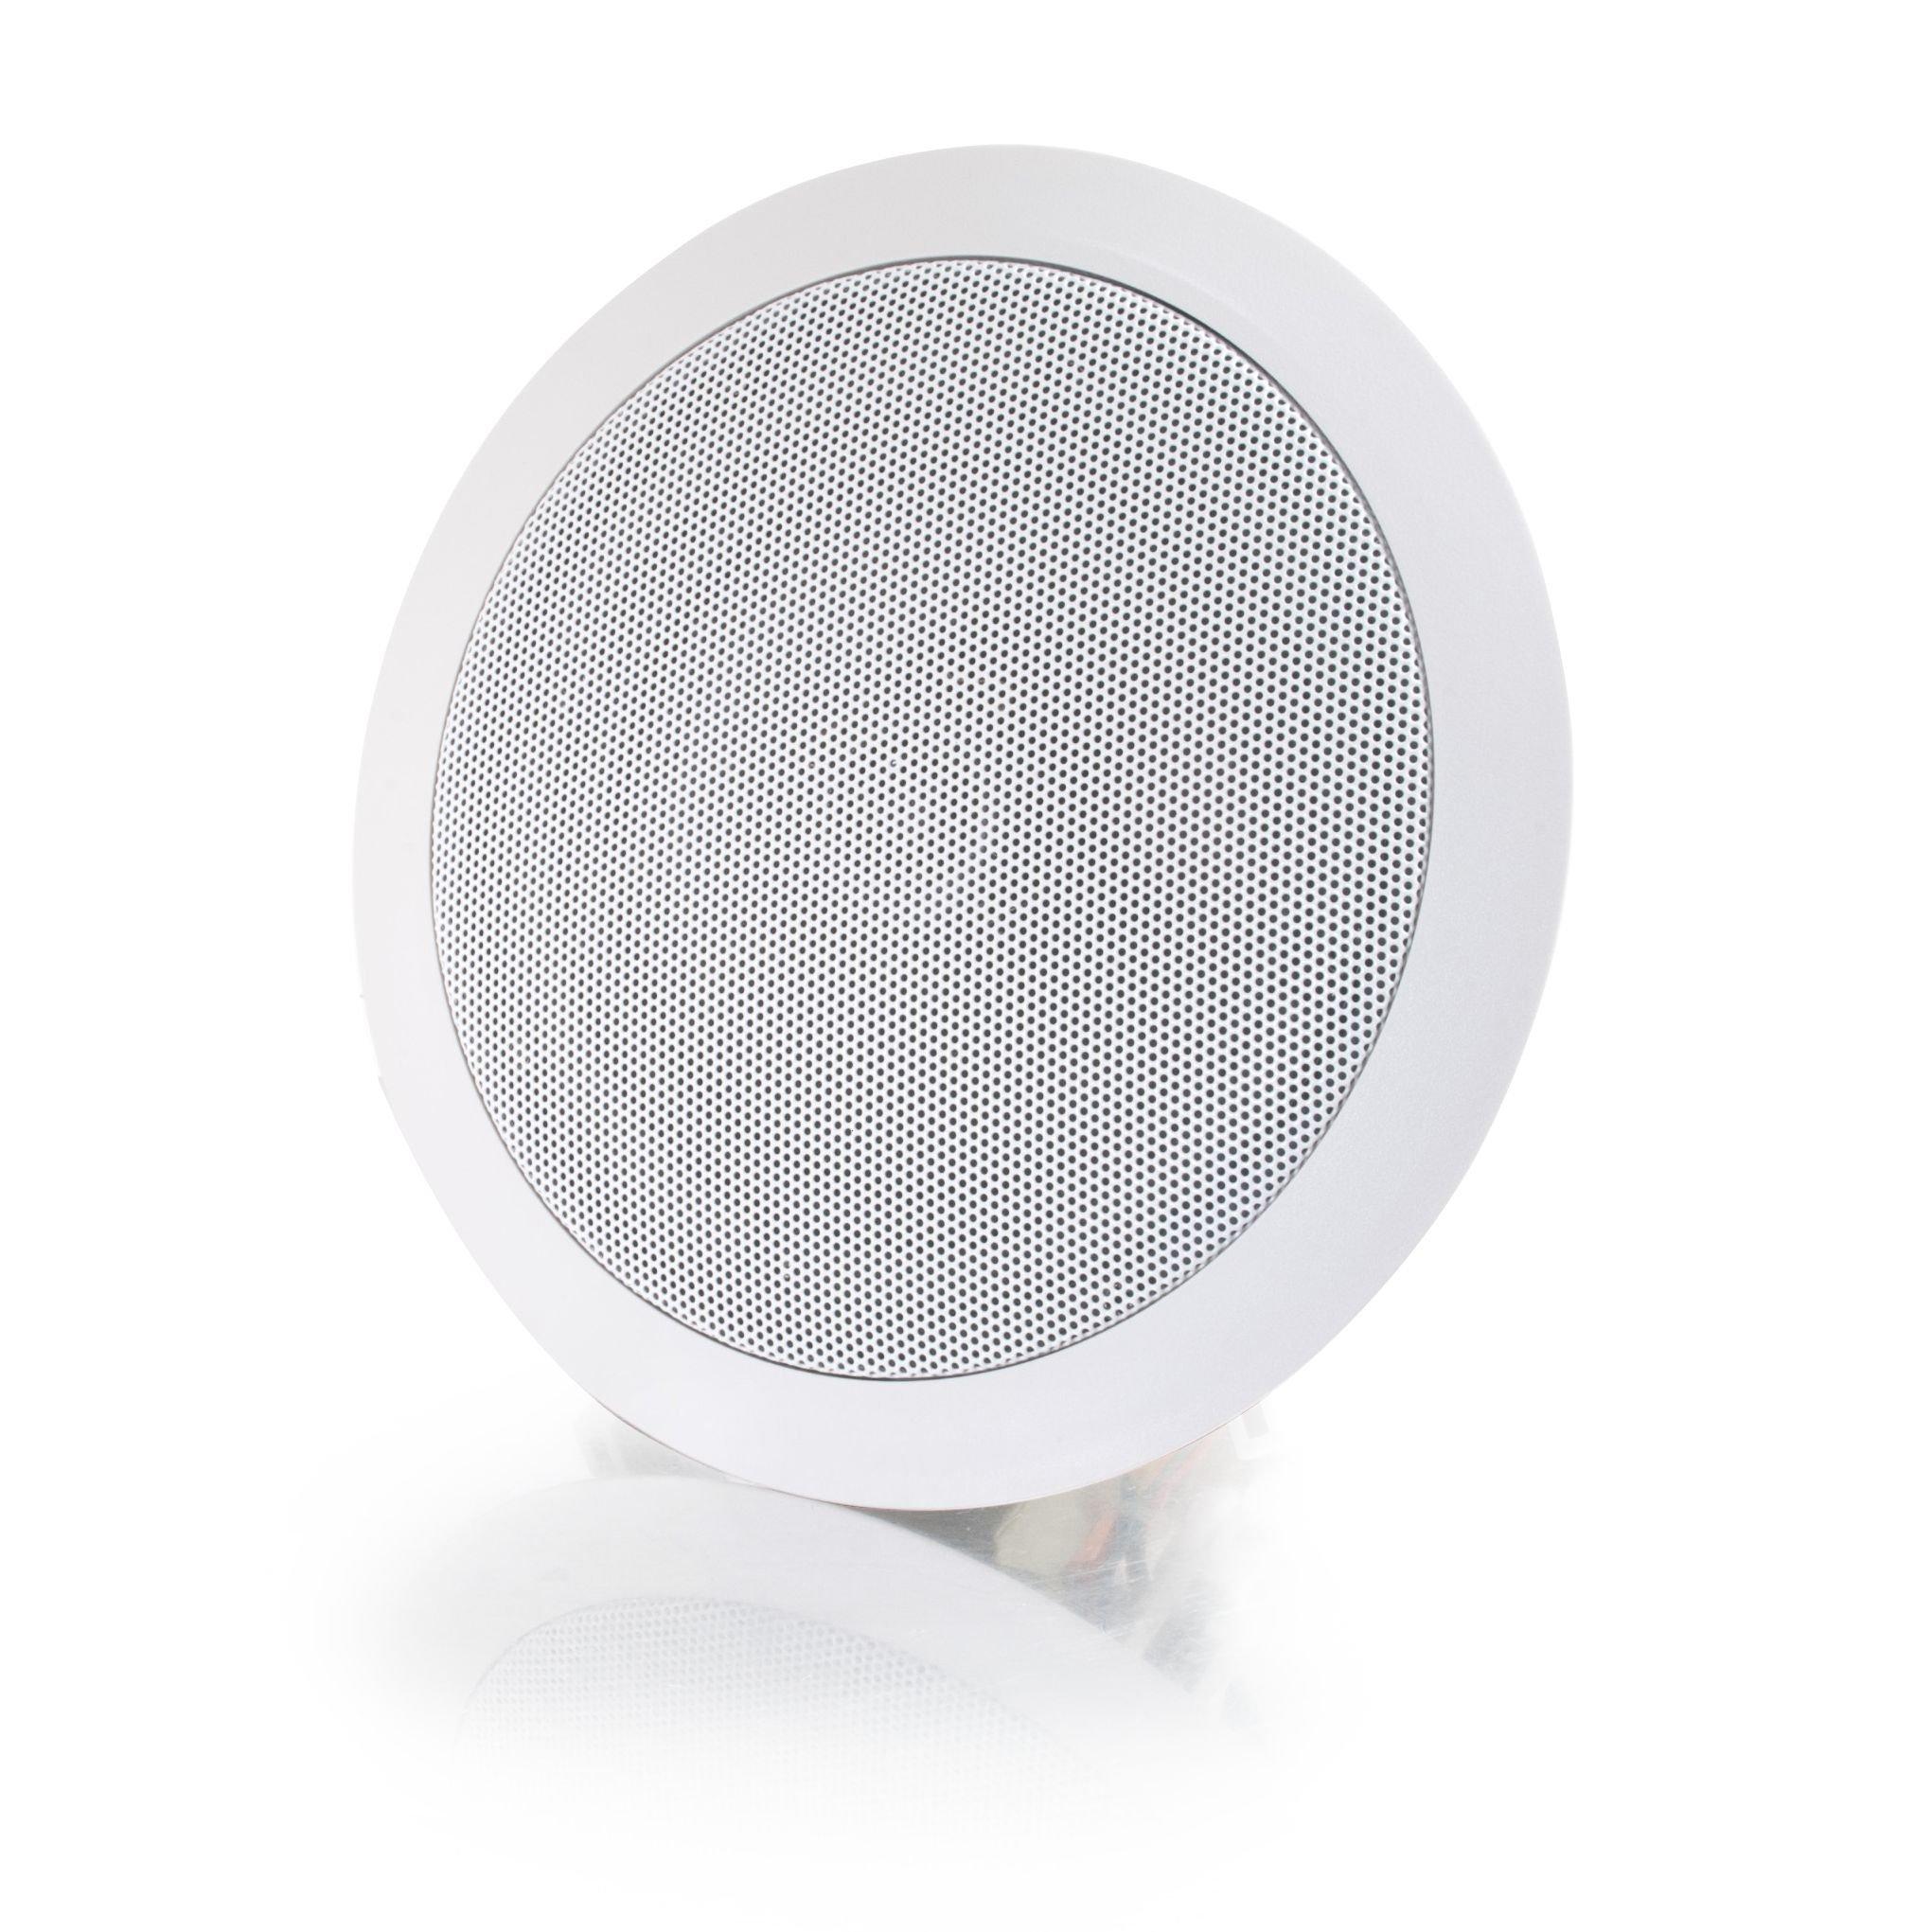 C2G/Cables to Go 39907 Ceiling Speaker 70V, White (5 Inch)